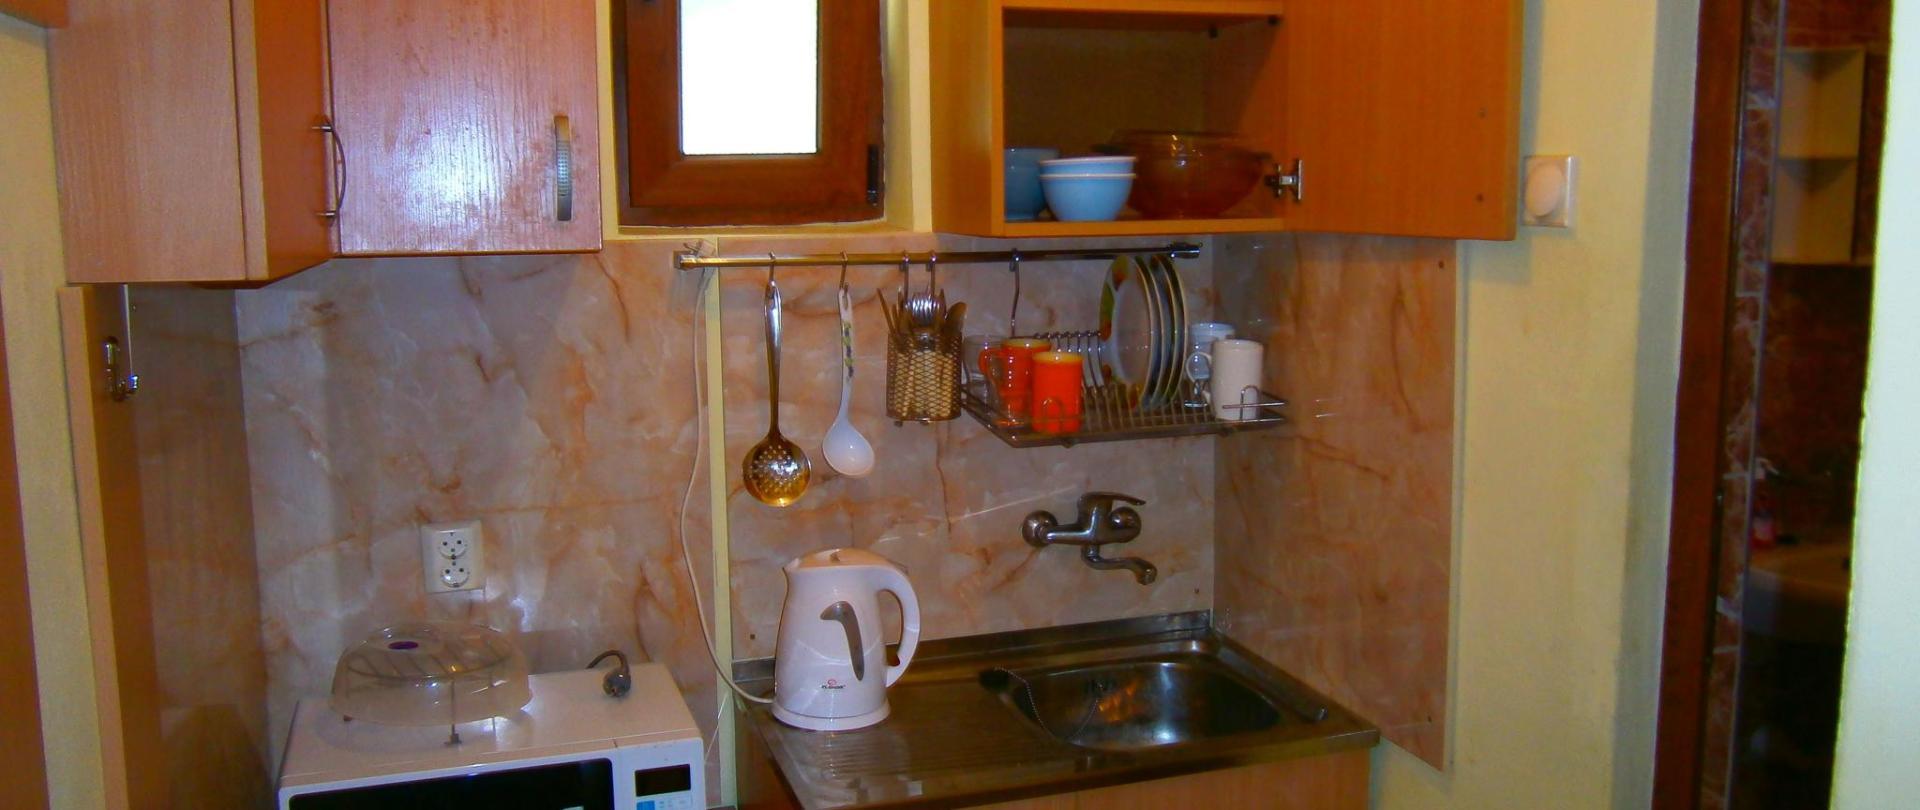 køkken køkken suite